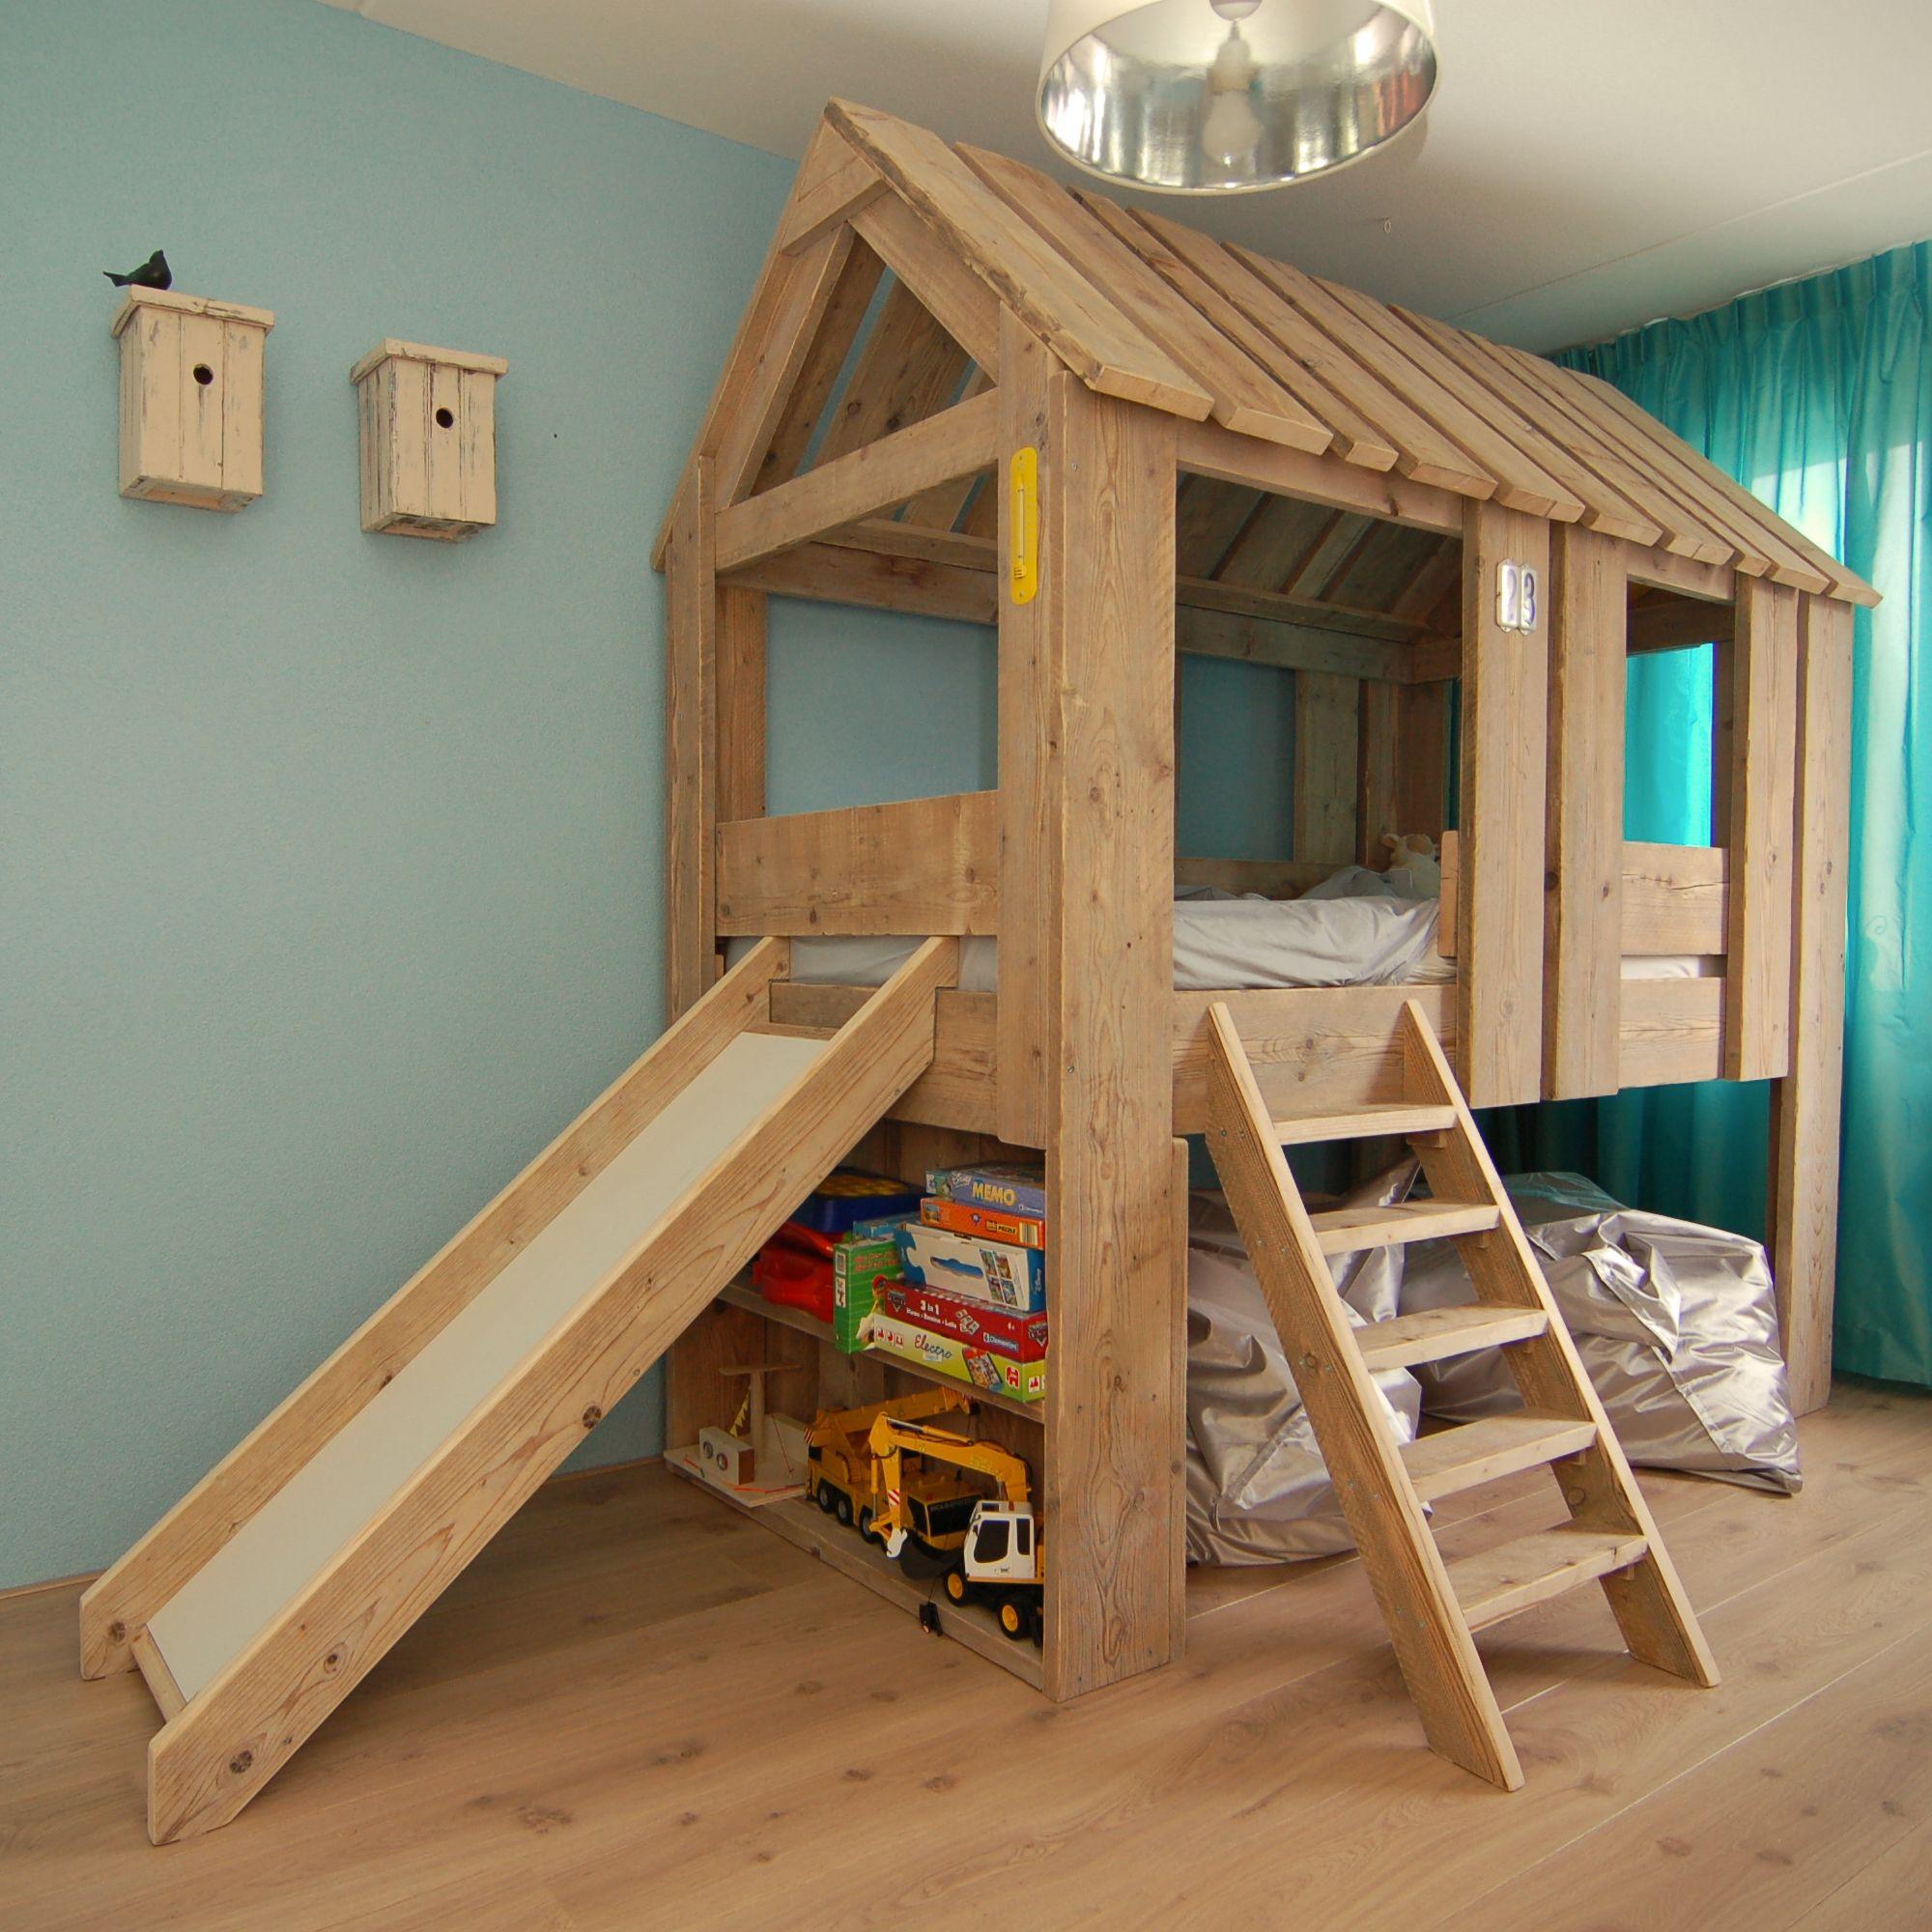 Steigerhout Boomhut Bed Met Boekenplanken En Glijbaan Van